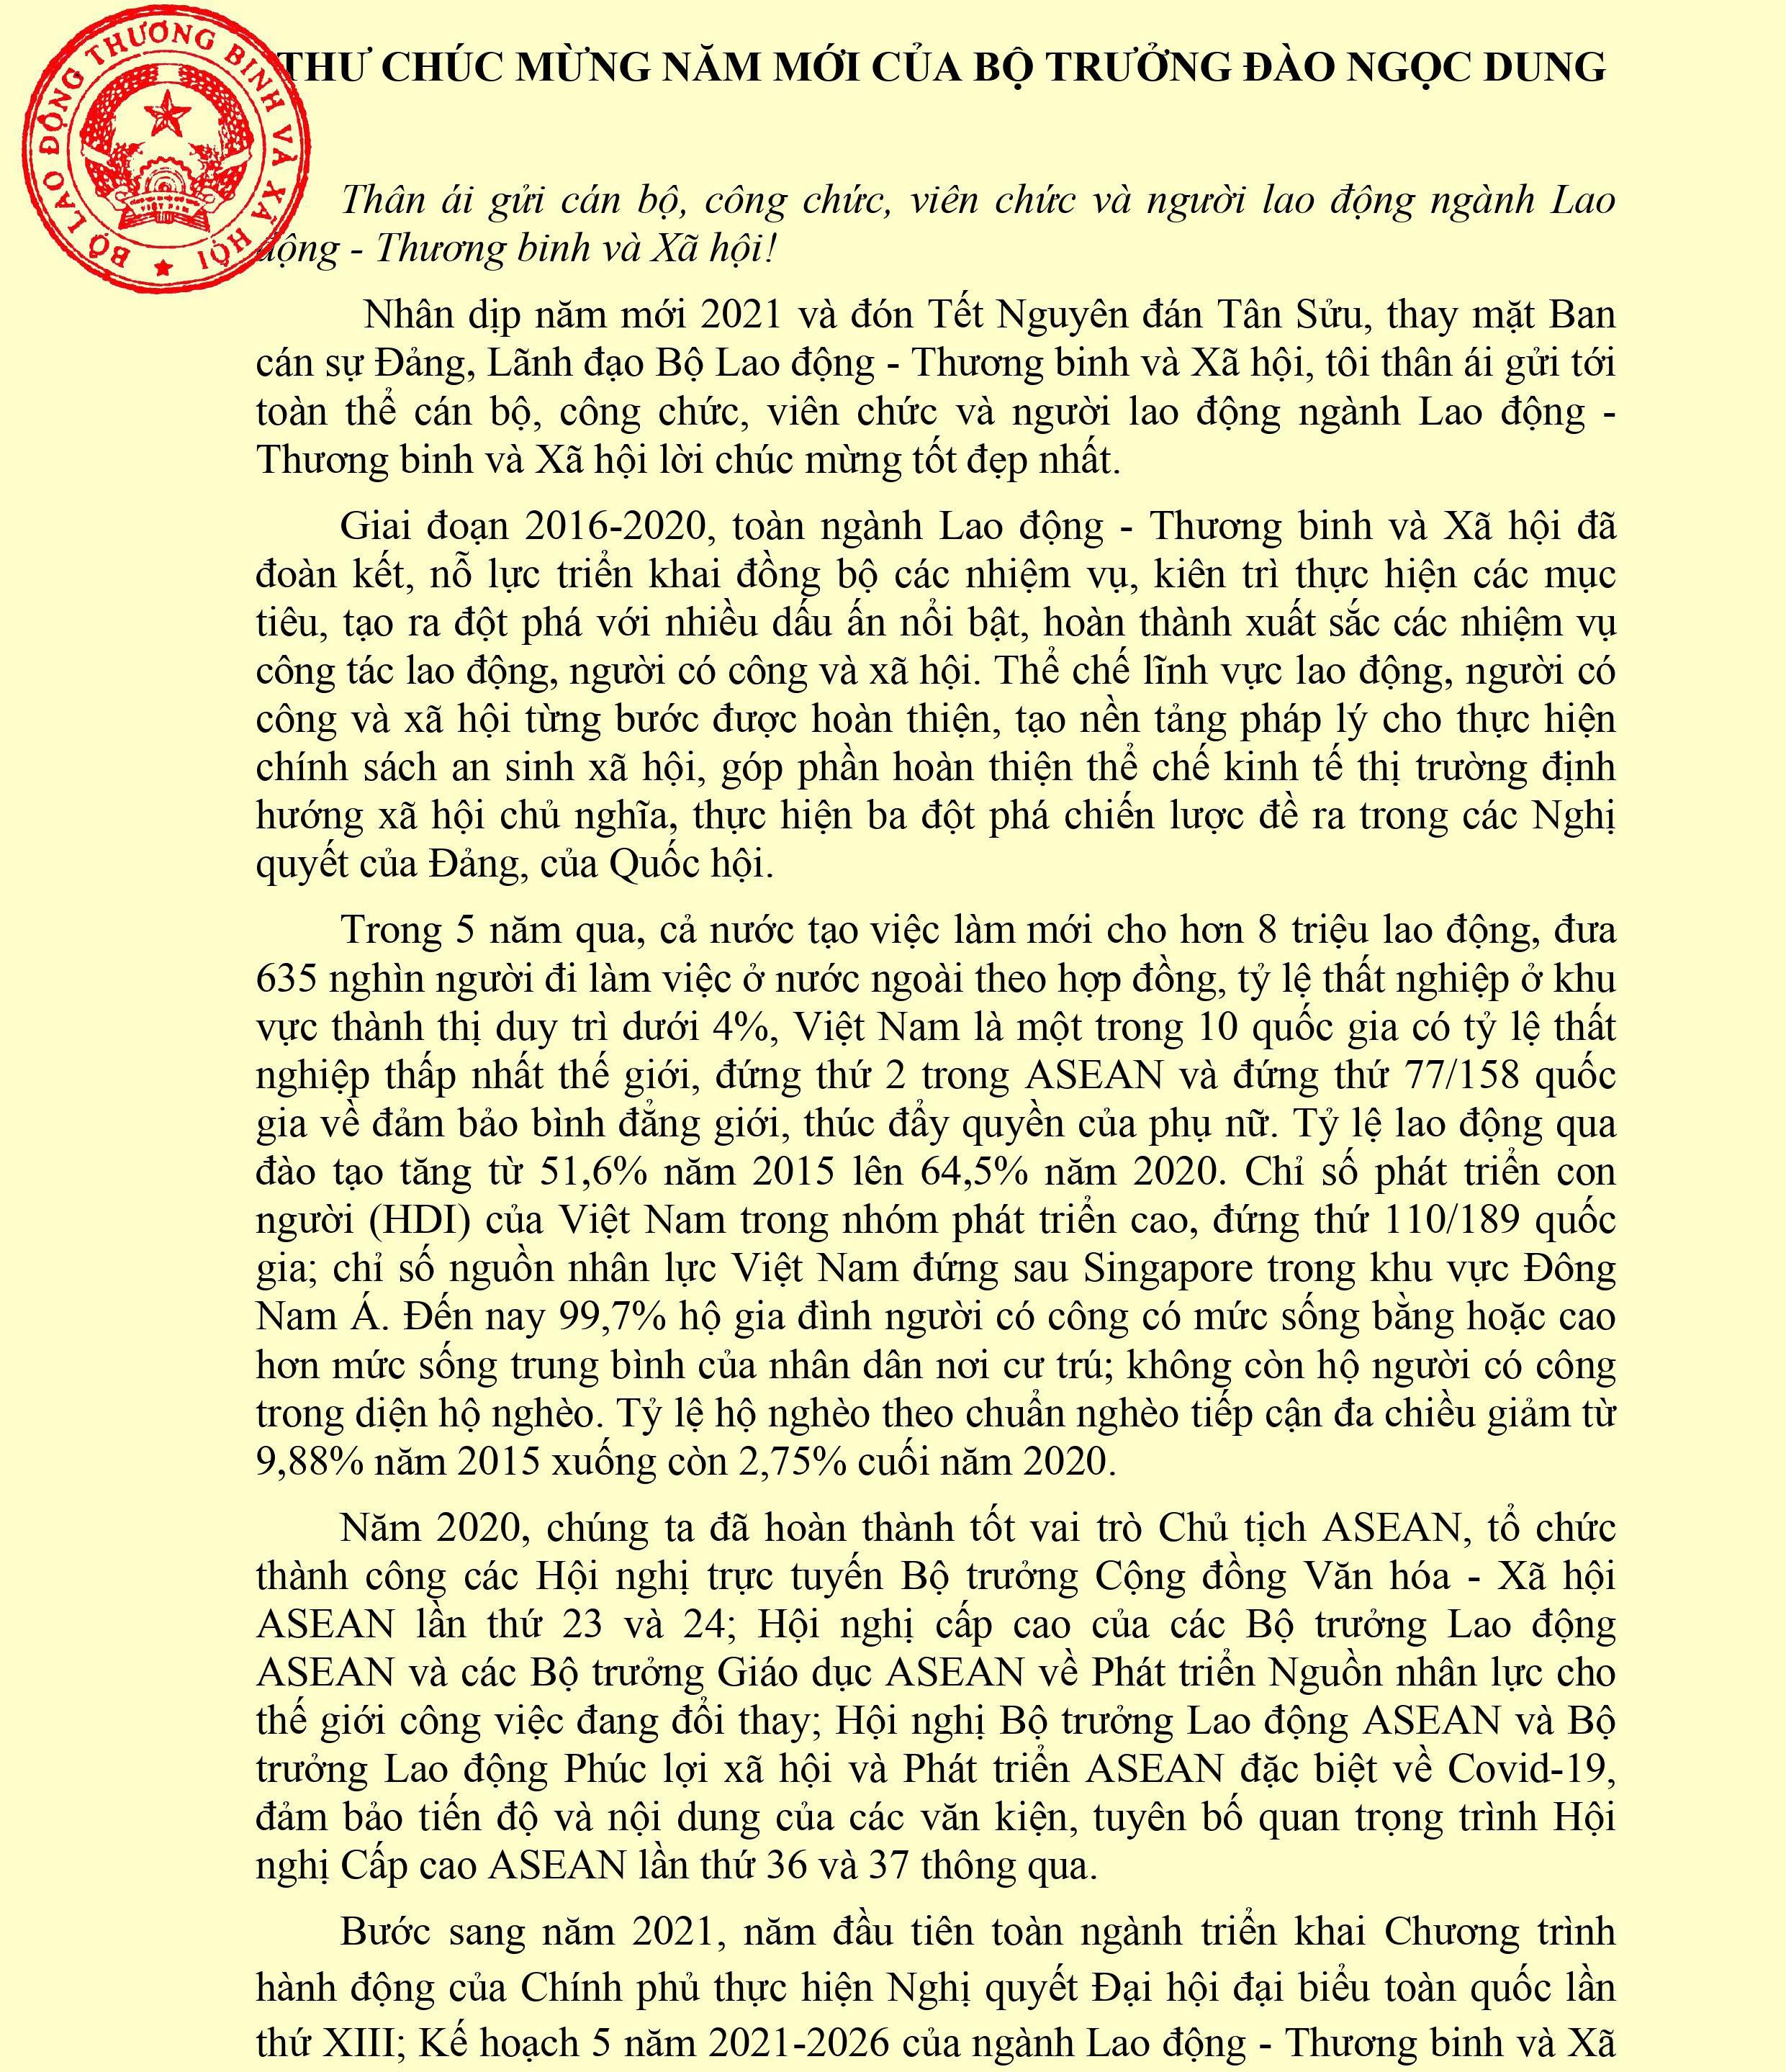 Thư Chúc mừng năm mới của Bộ trưởng Bộ Lao động – Thương binh và Xã hội Đào Ngọc Dung